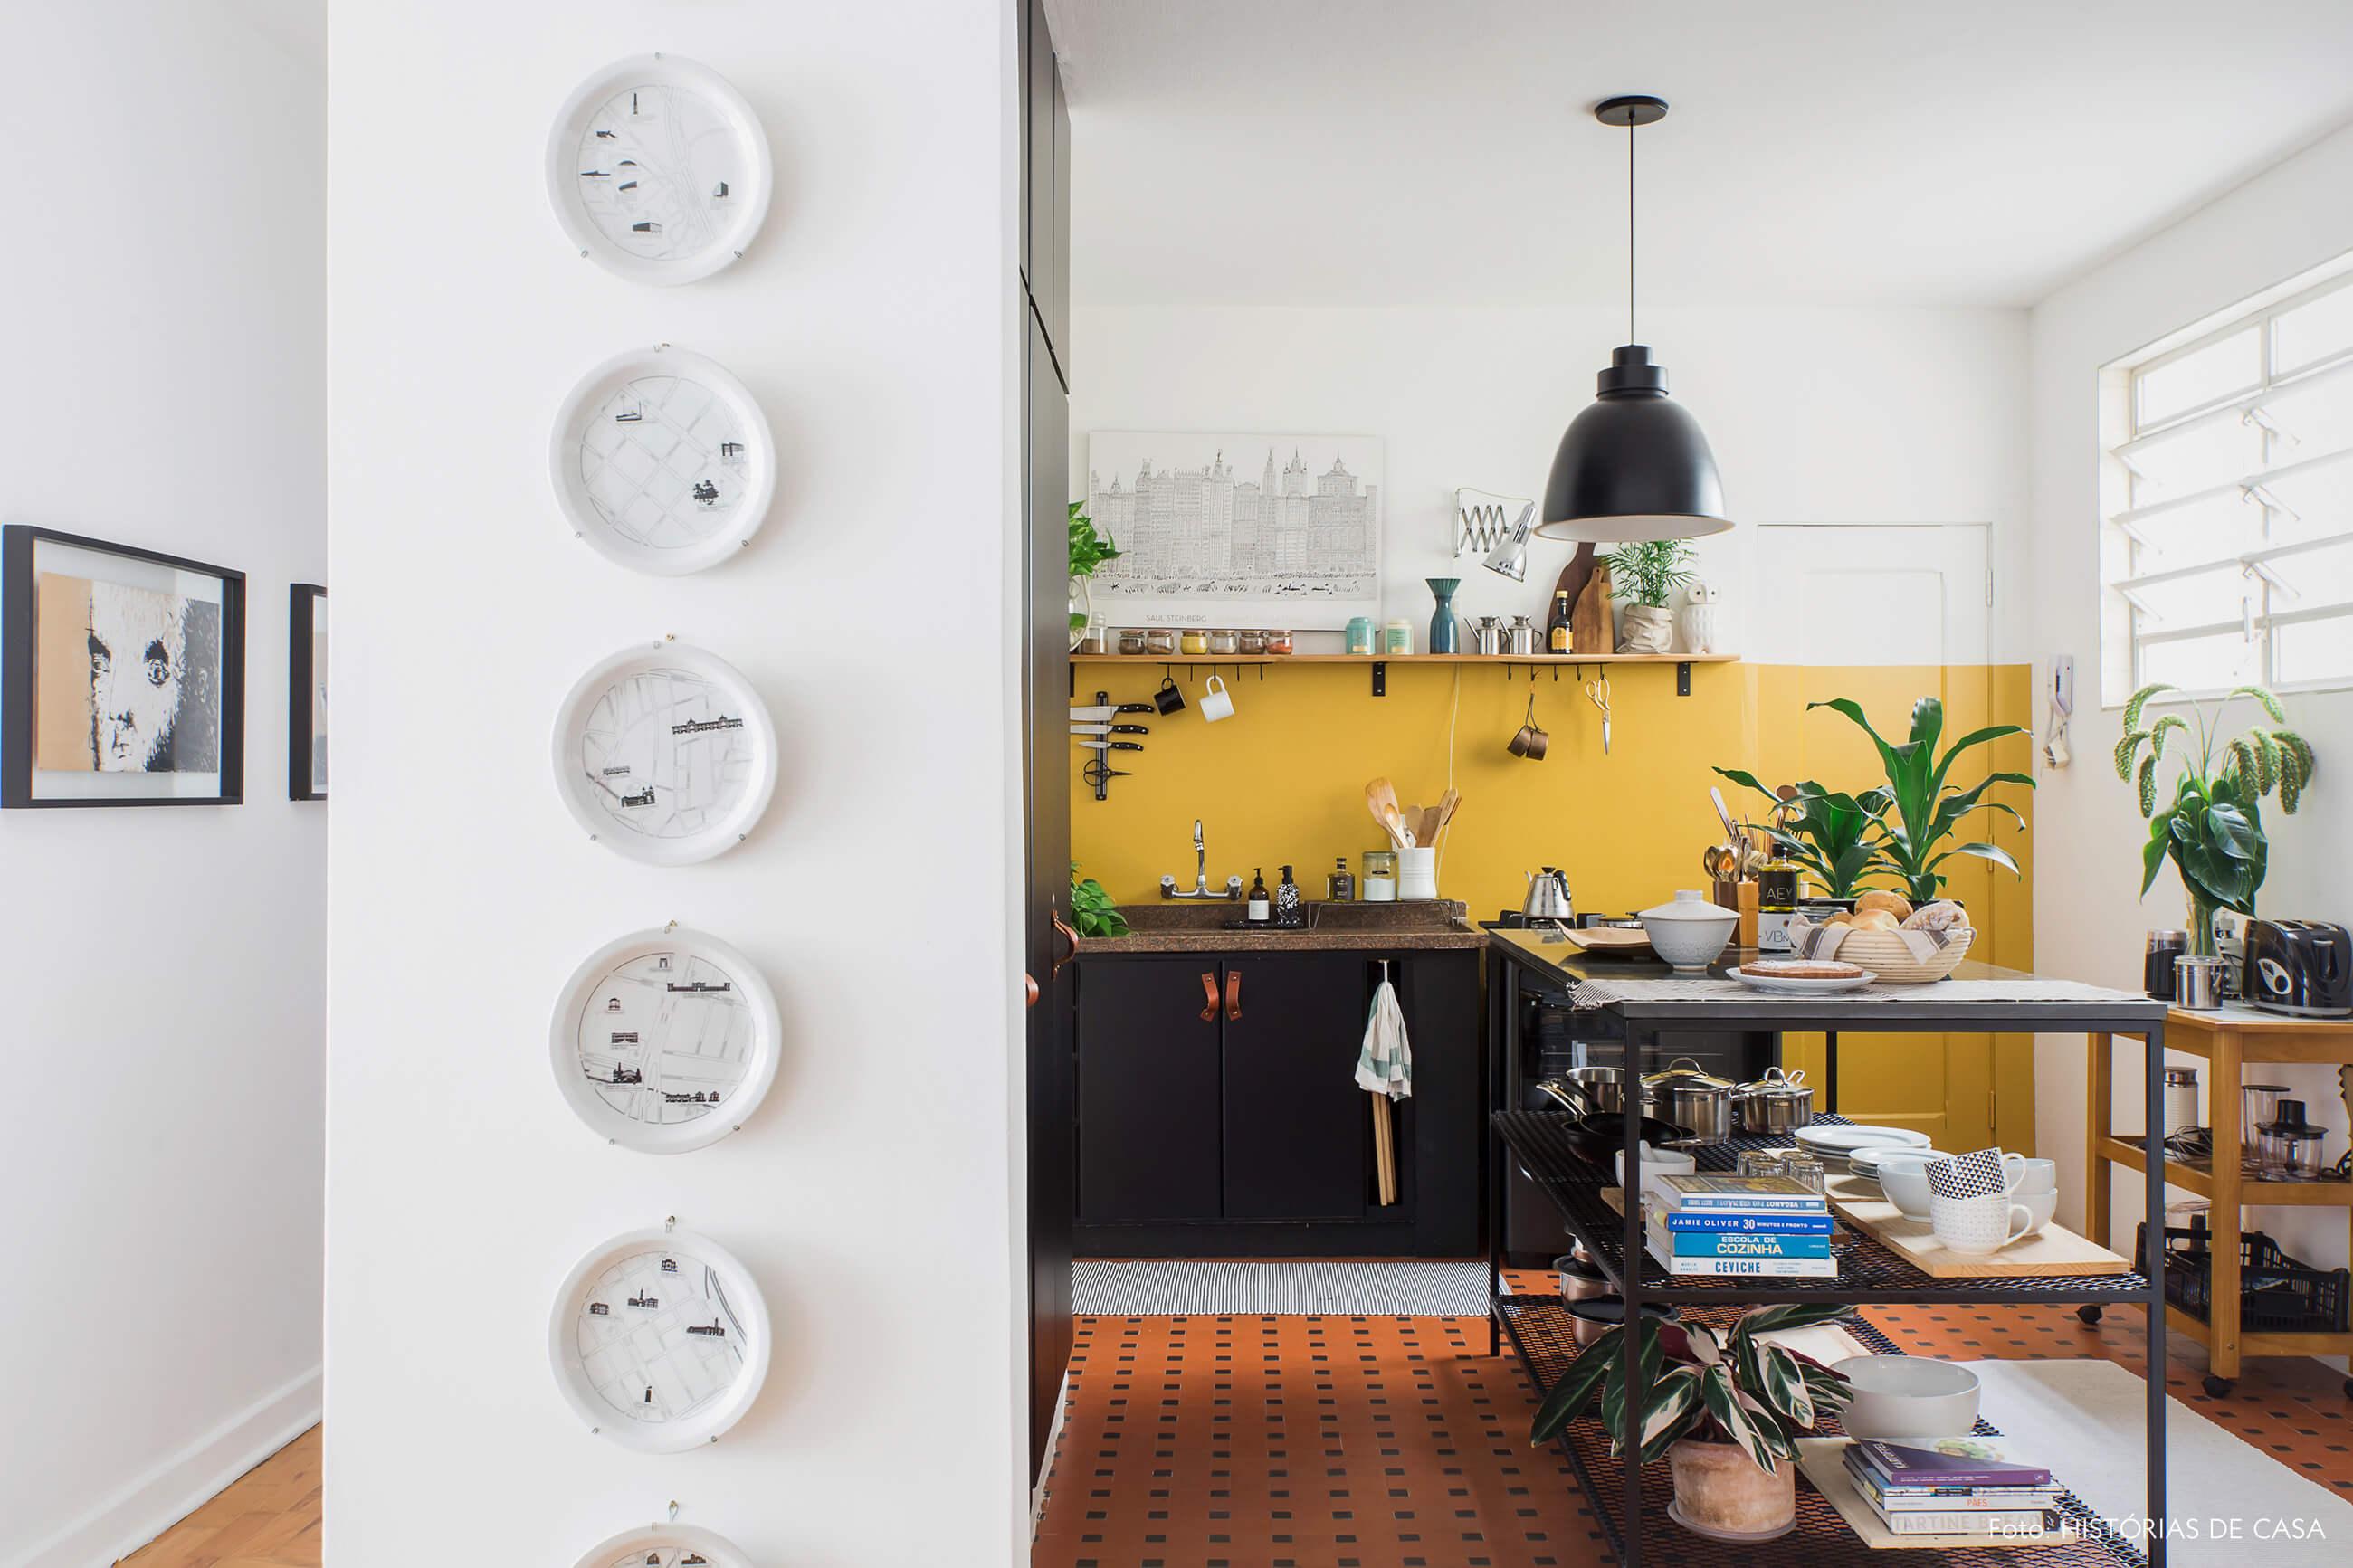 Apê alugado com cozinha de ar industrial e pratos de parede por Maurício Arruda